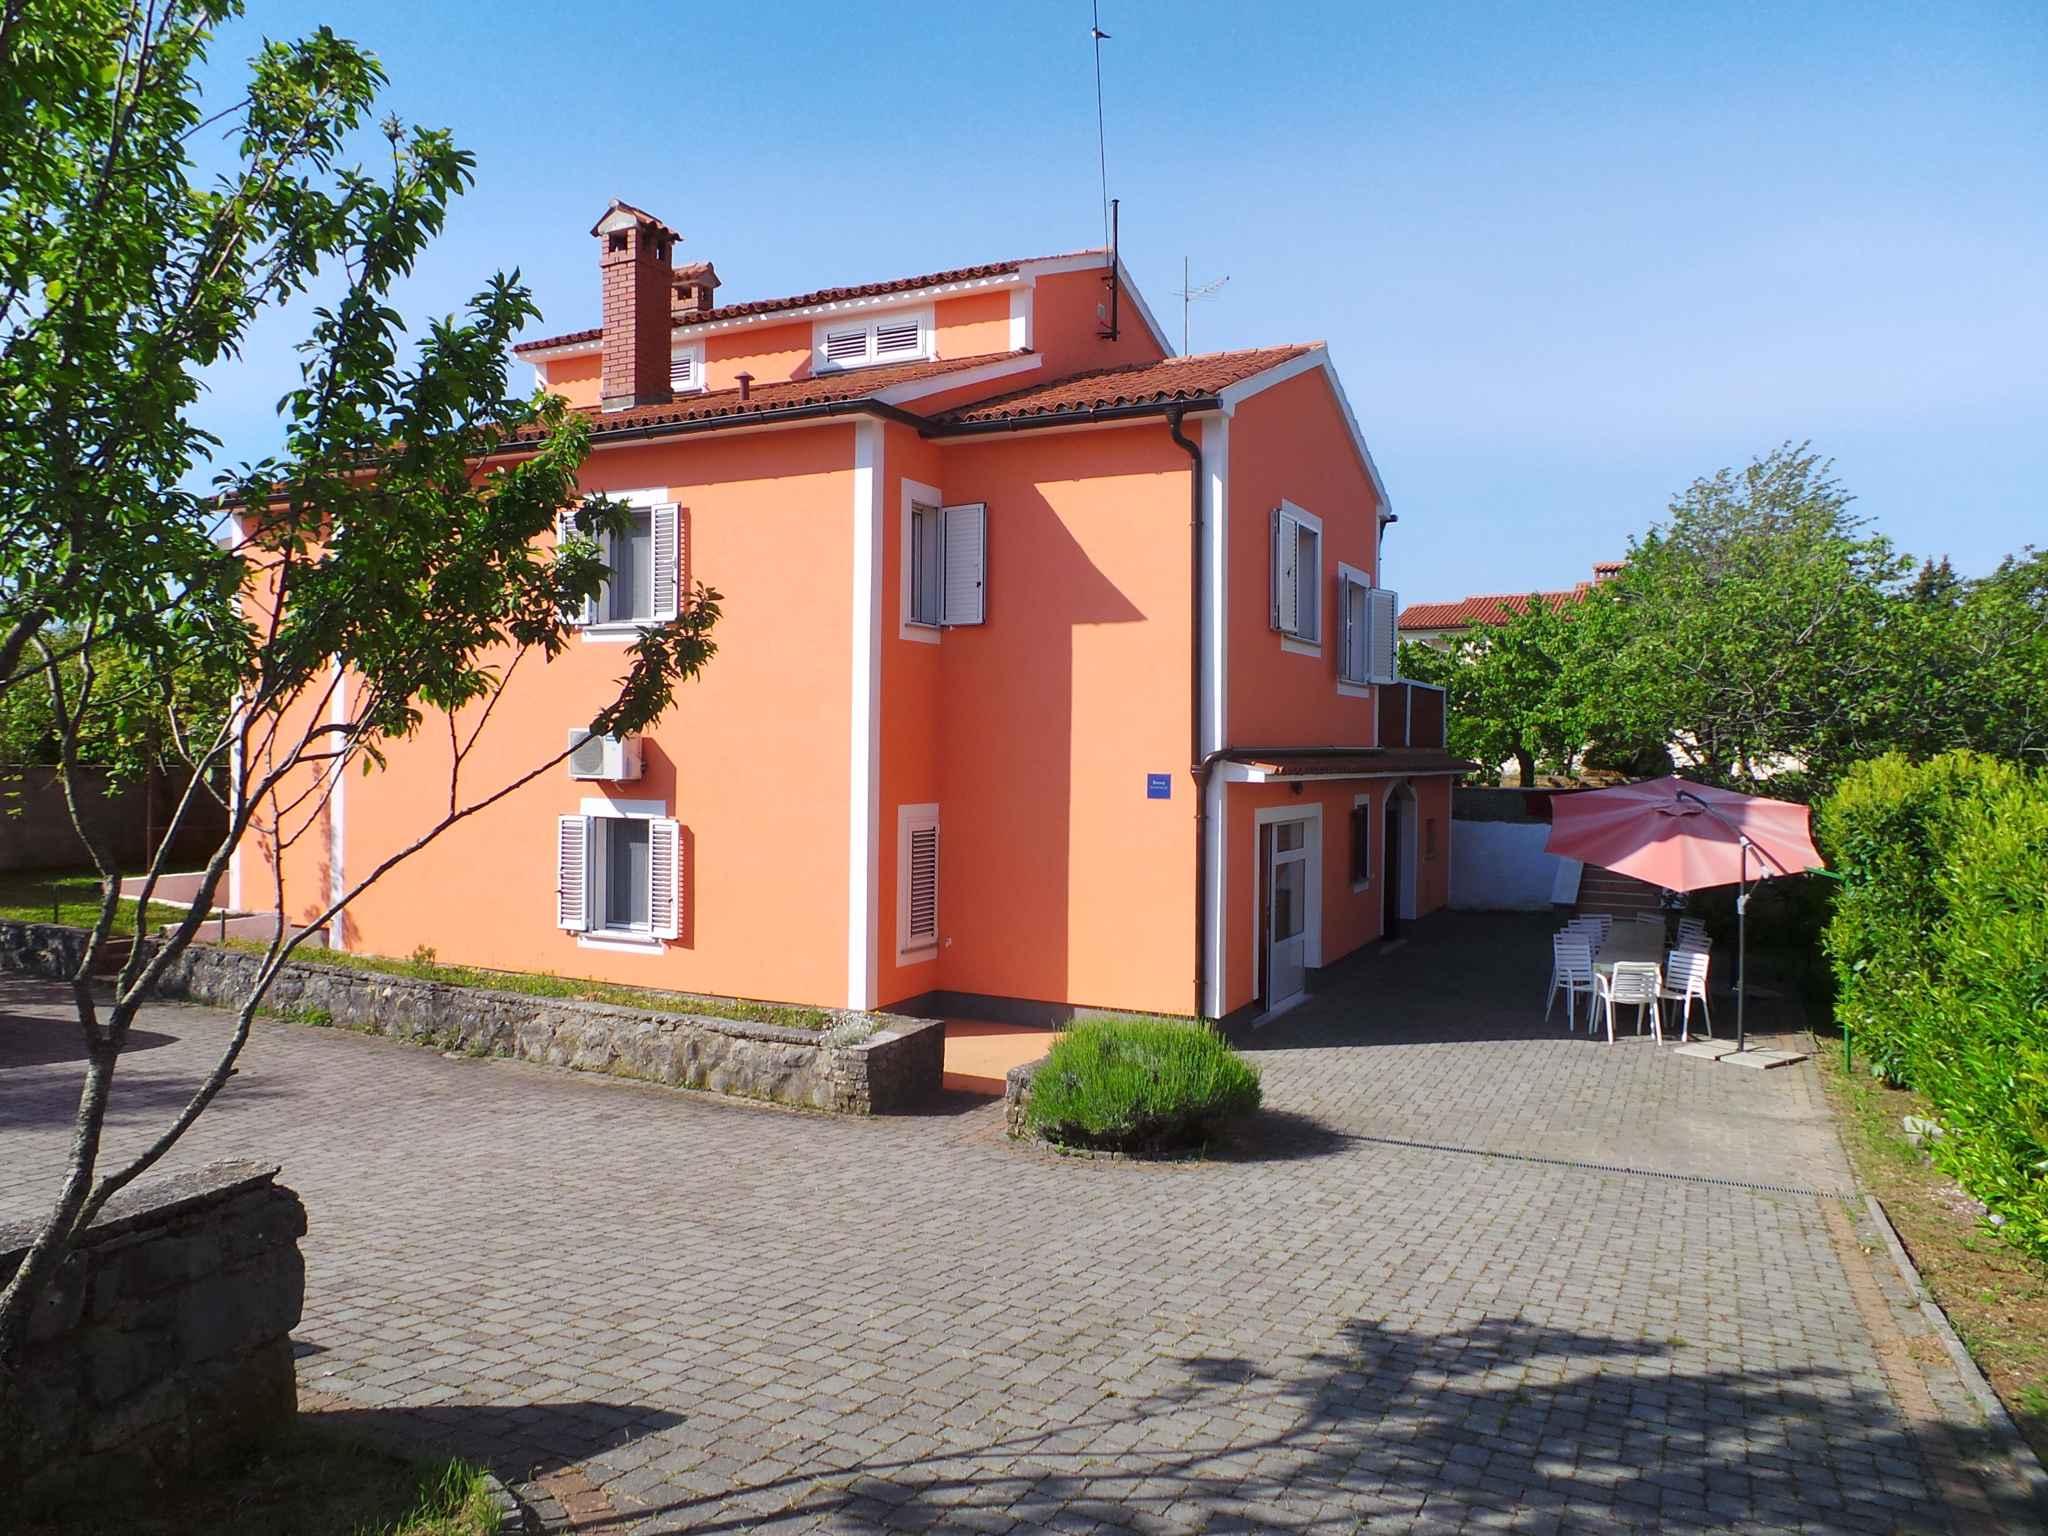 Ferienwohnung in der Nähe von Altstadt Labin  in Kroatien